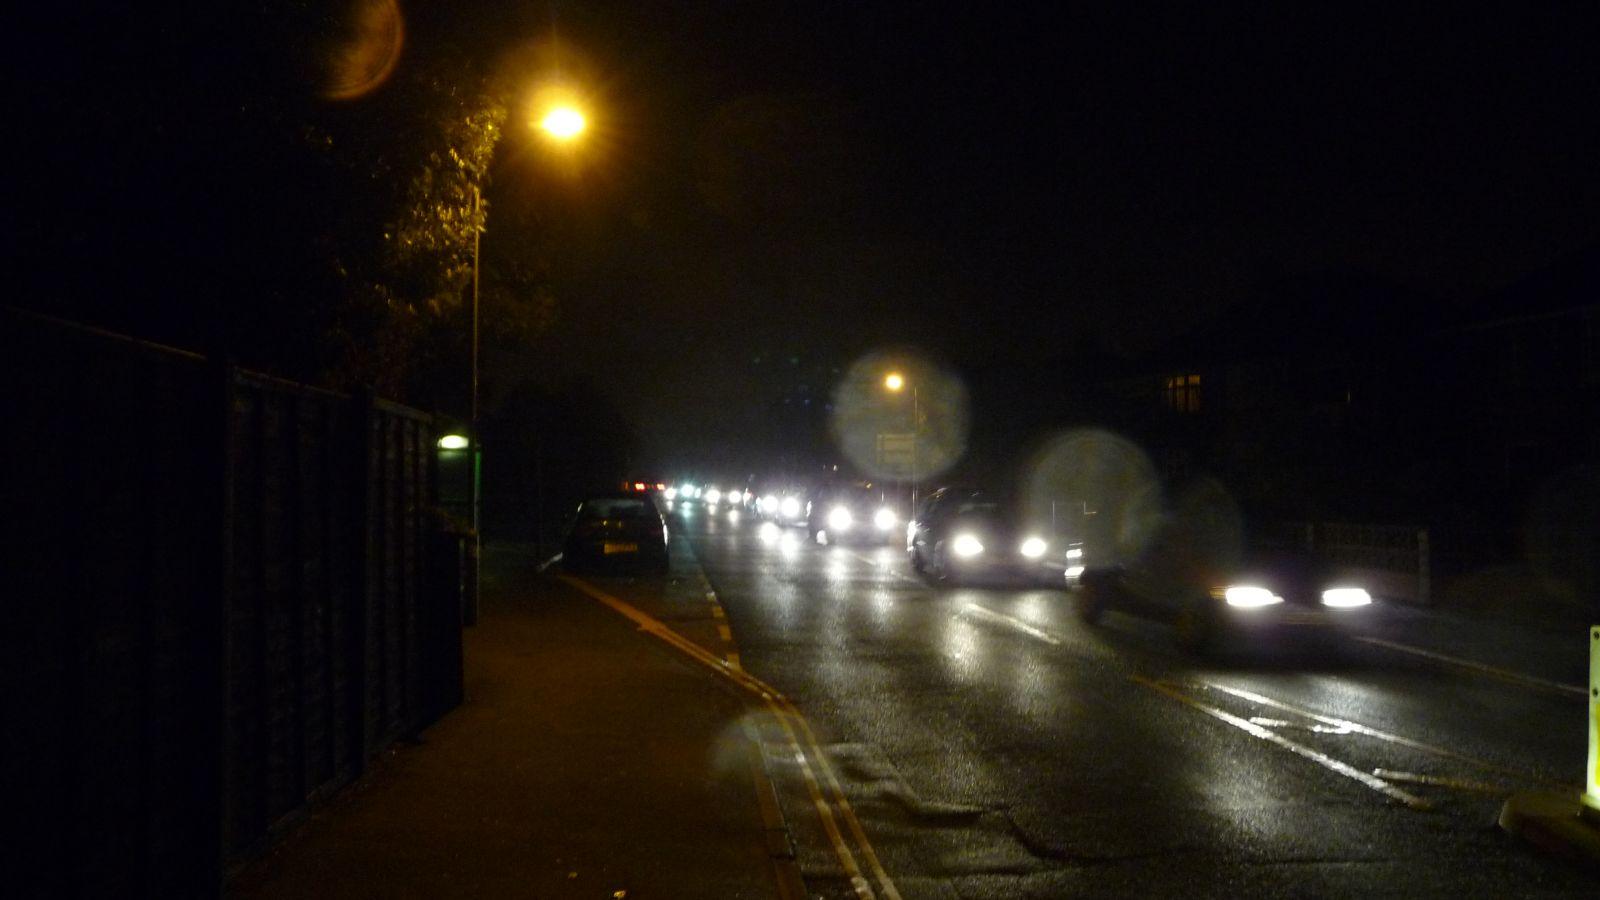 cars headlights at night wallpaper - photo #19